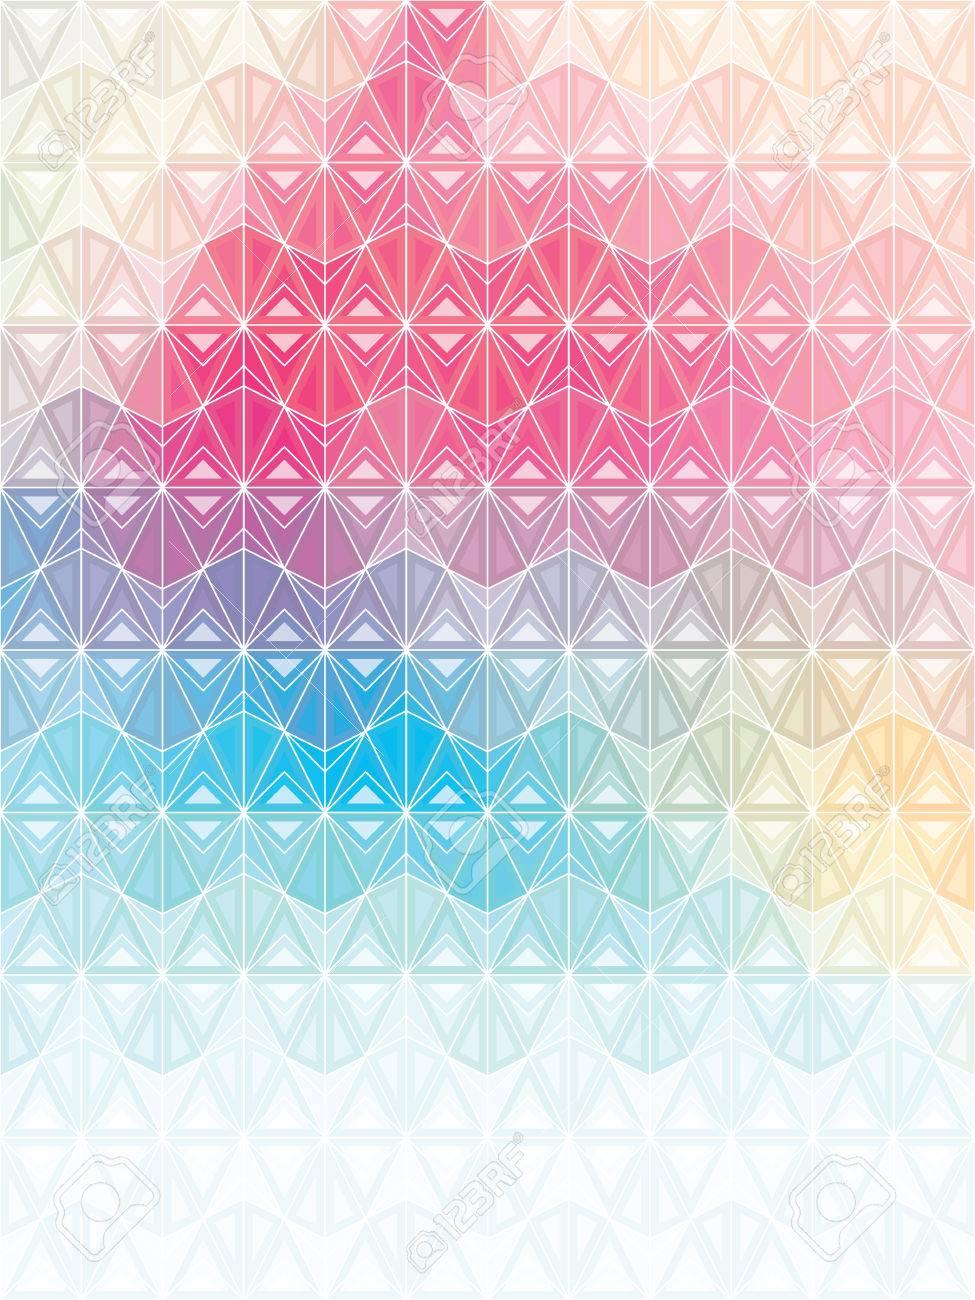 Souvent Design Multicolore Avec Des Formes Géométriques Triangulaires Avec  TG78